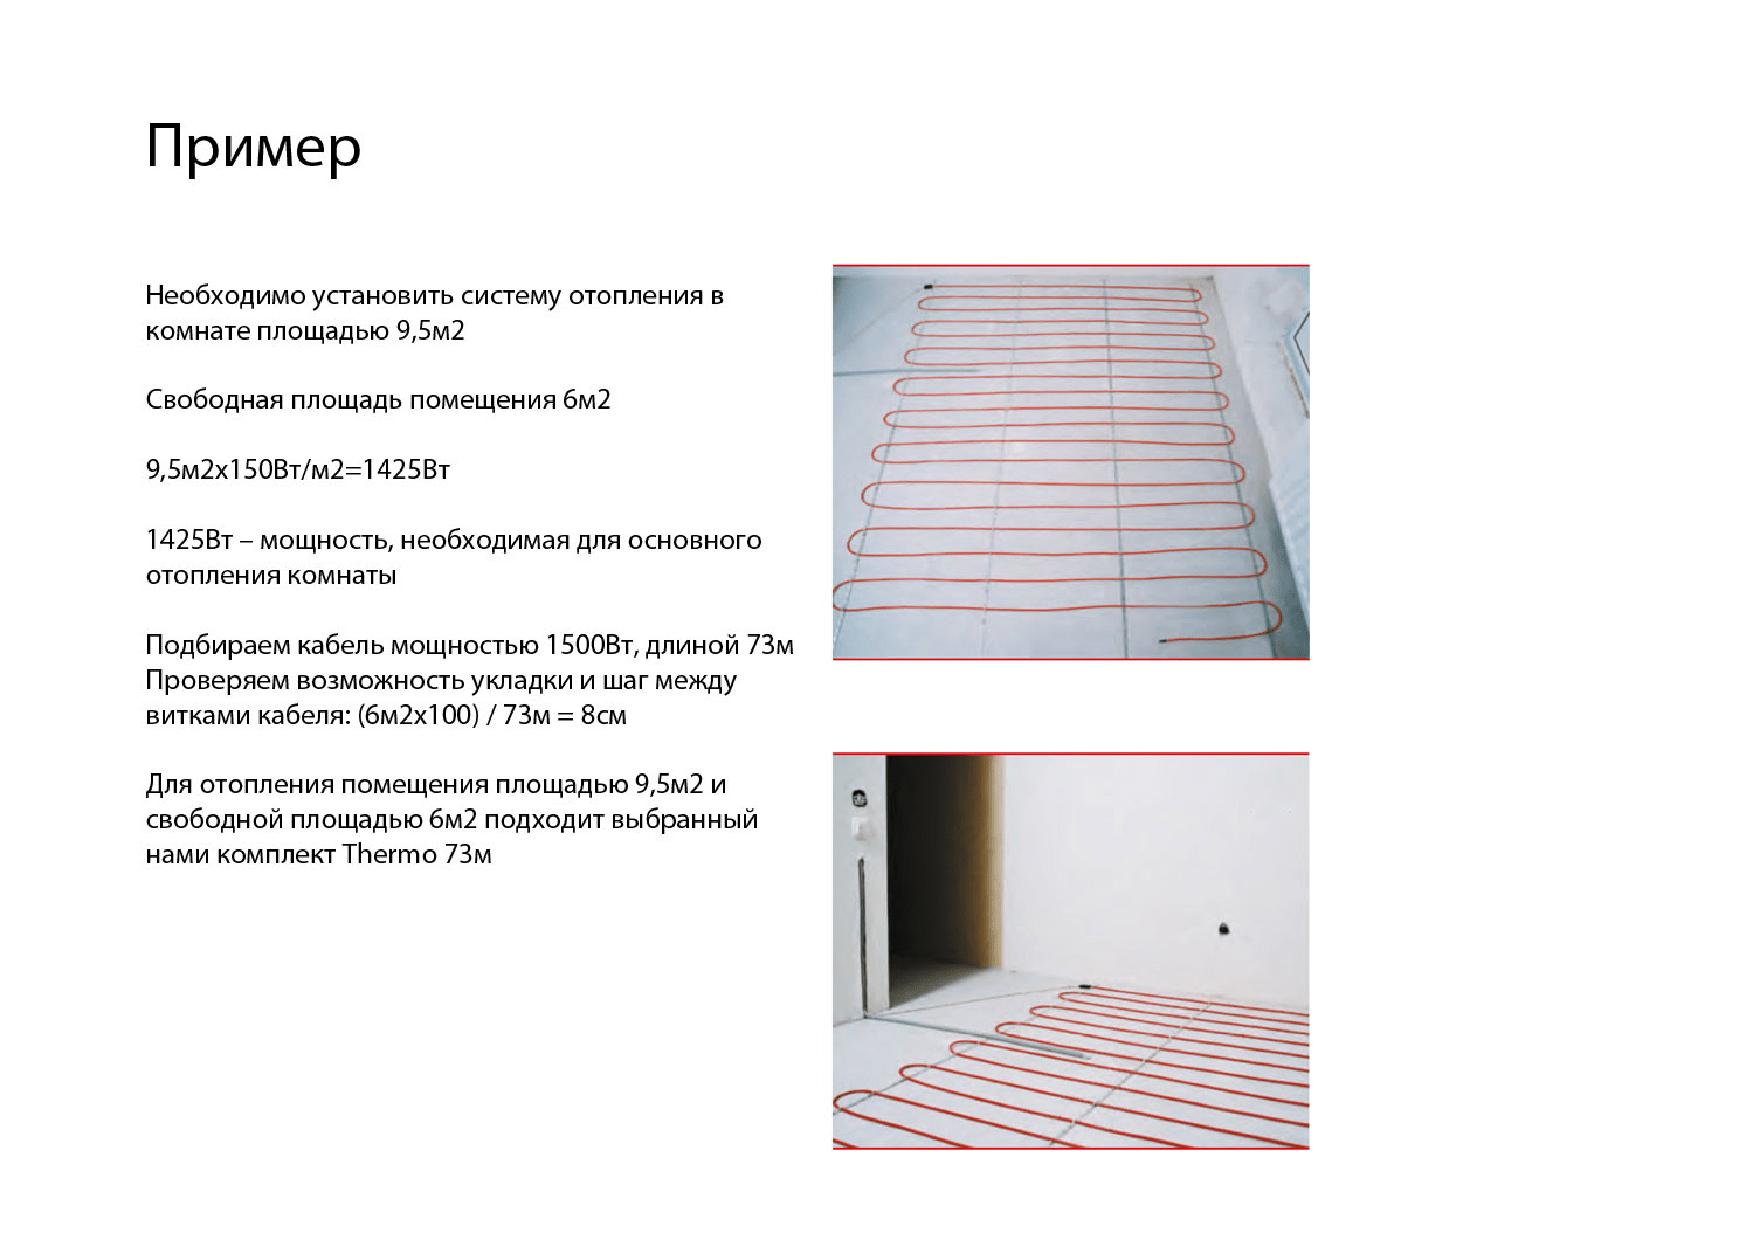 Prmer-rascheta-osnovnogo-podogreva-pola (1)